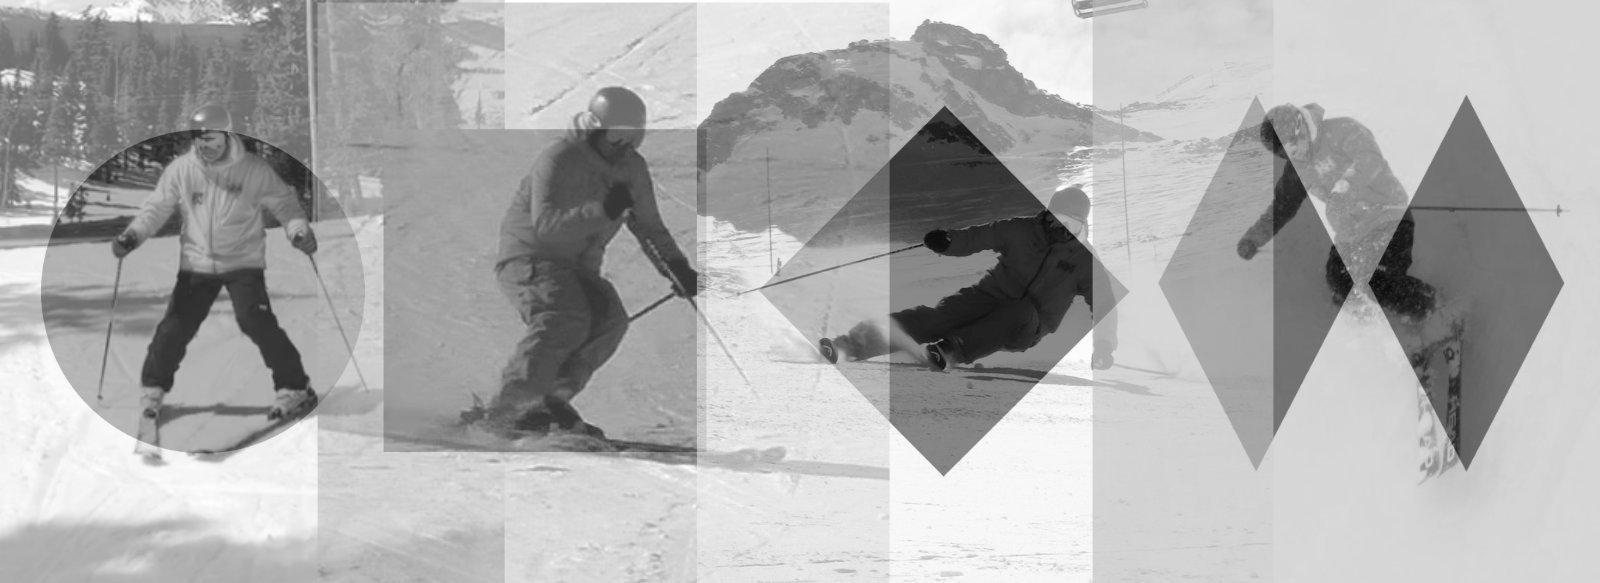 Ski Improvement Progressions